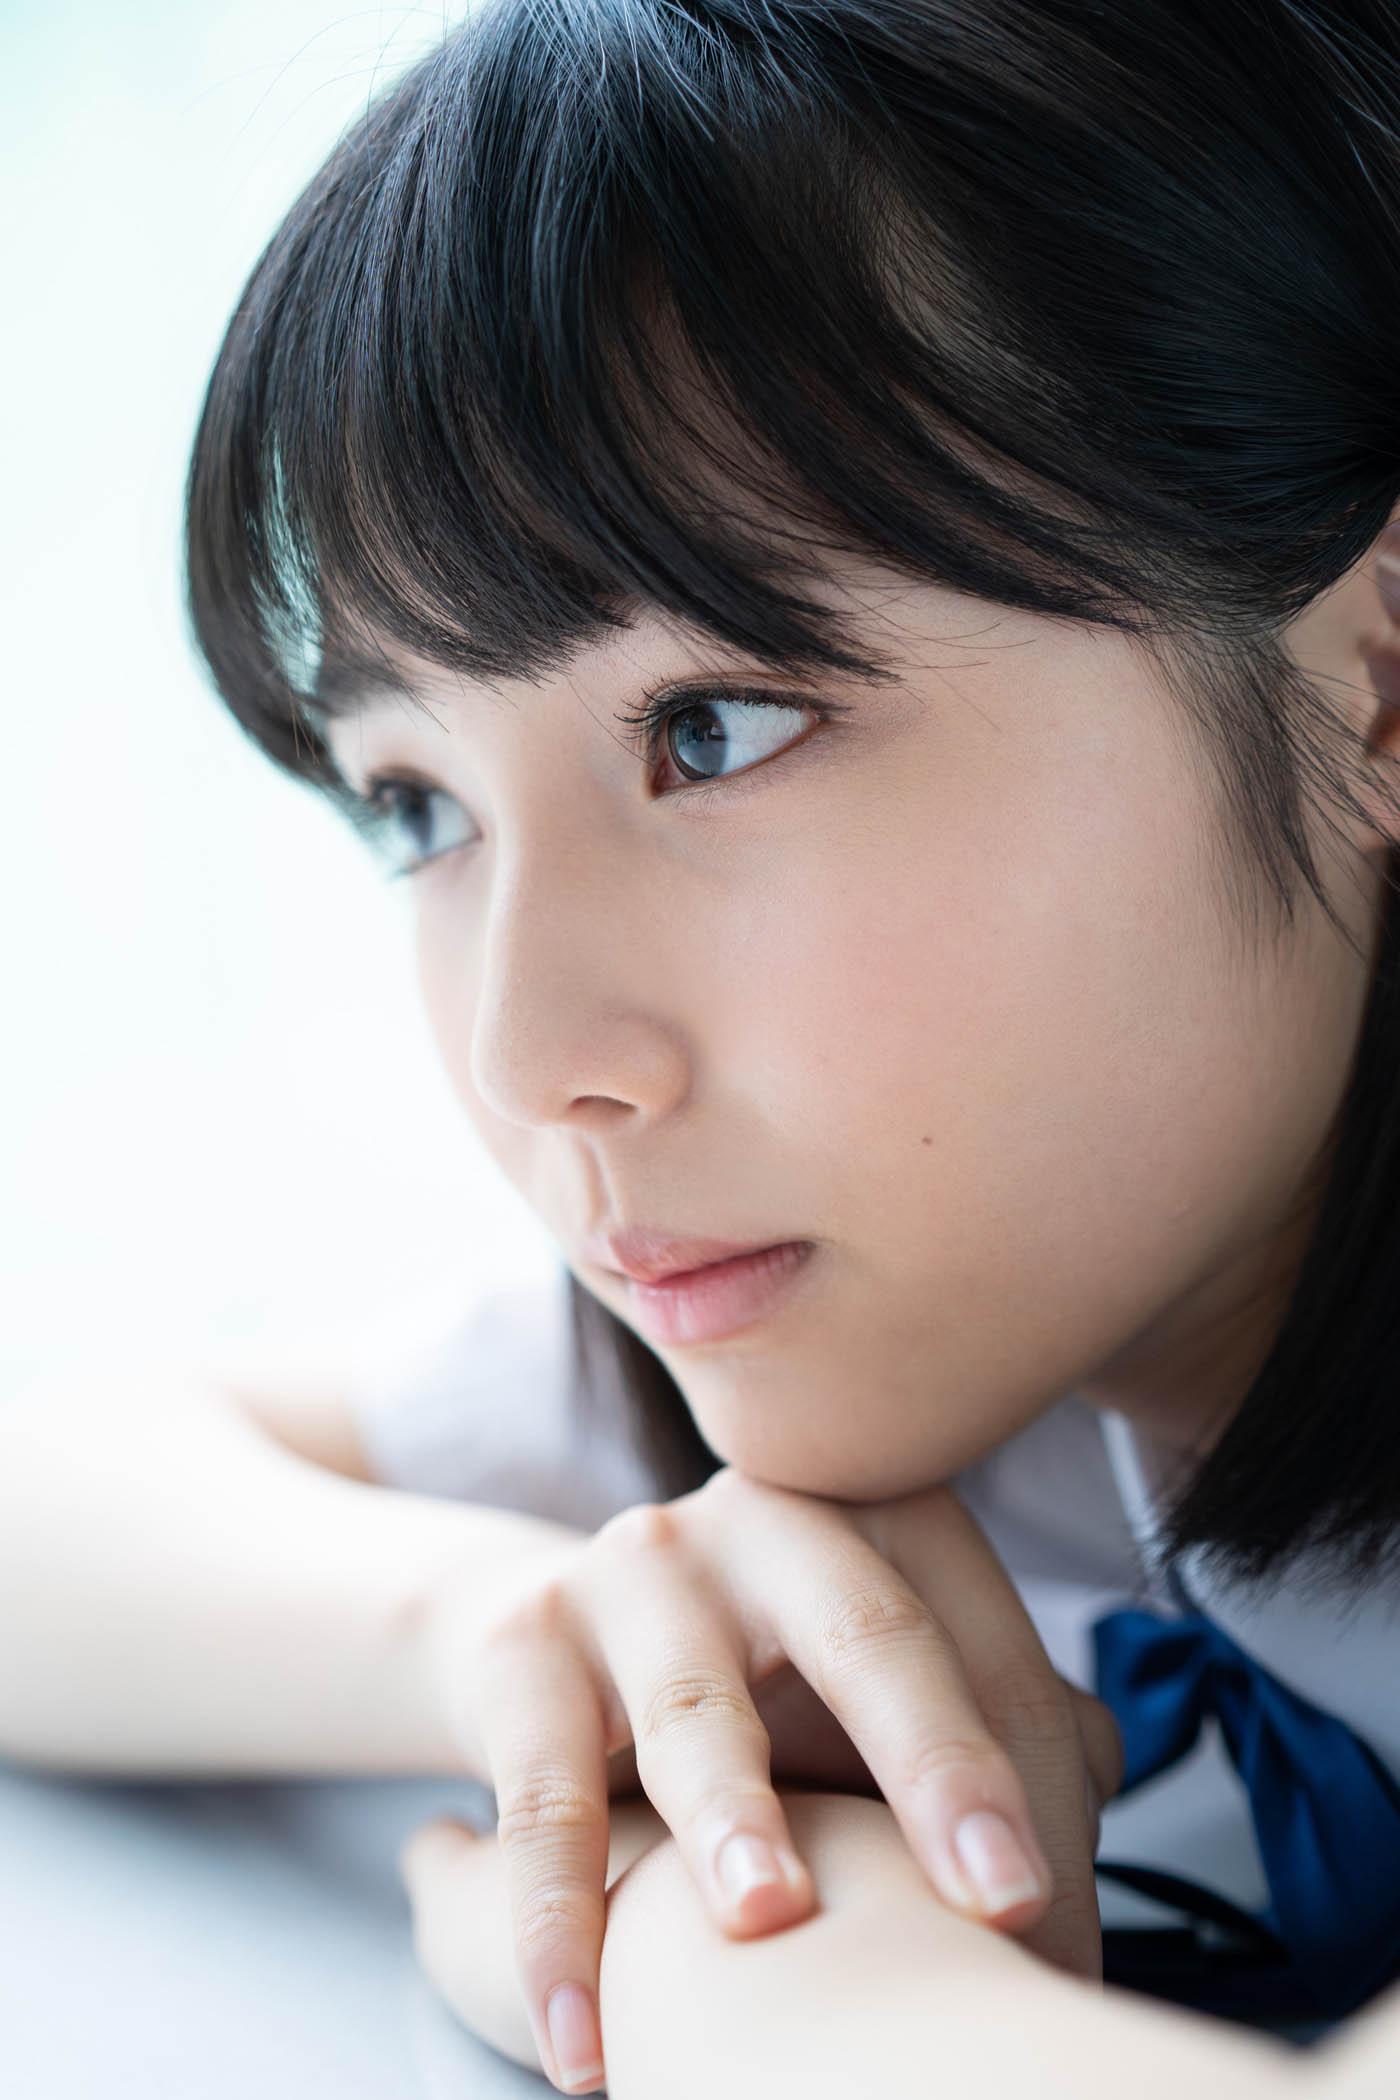 秋田汐梨の画像 p1_28